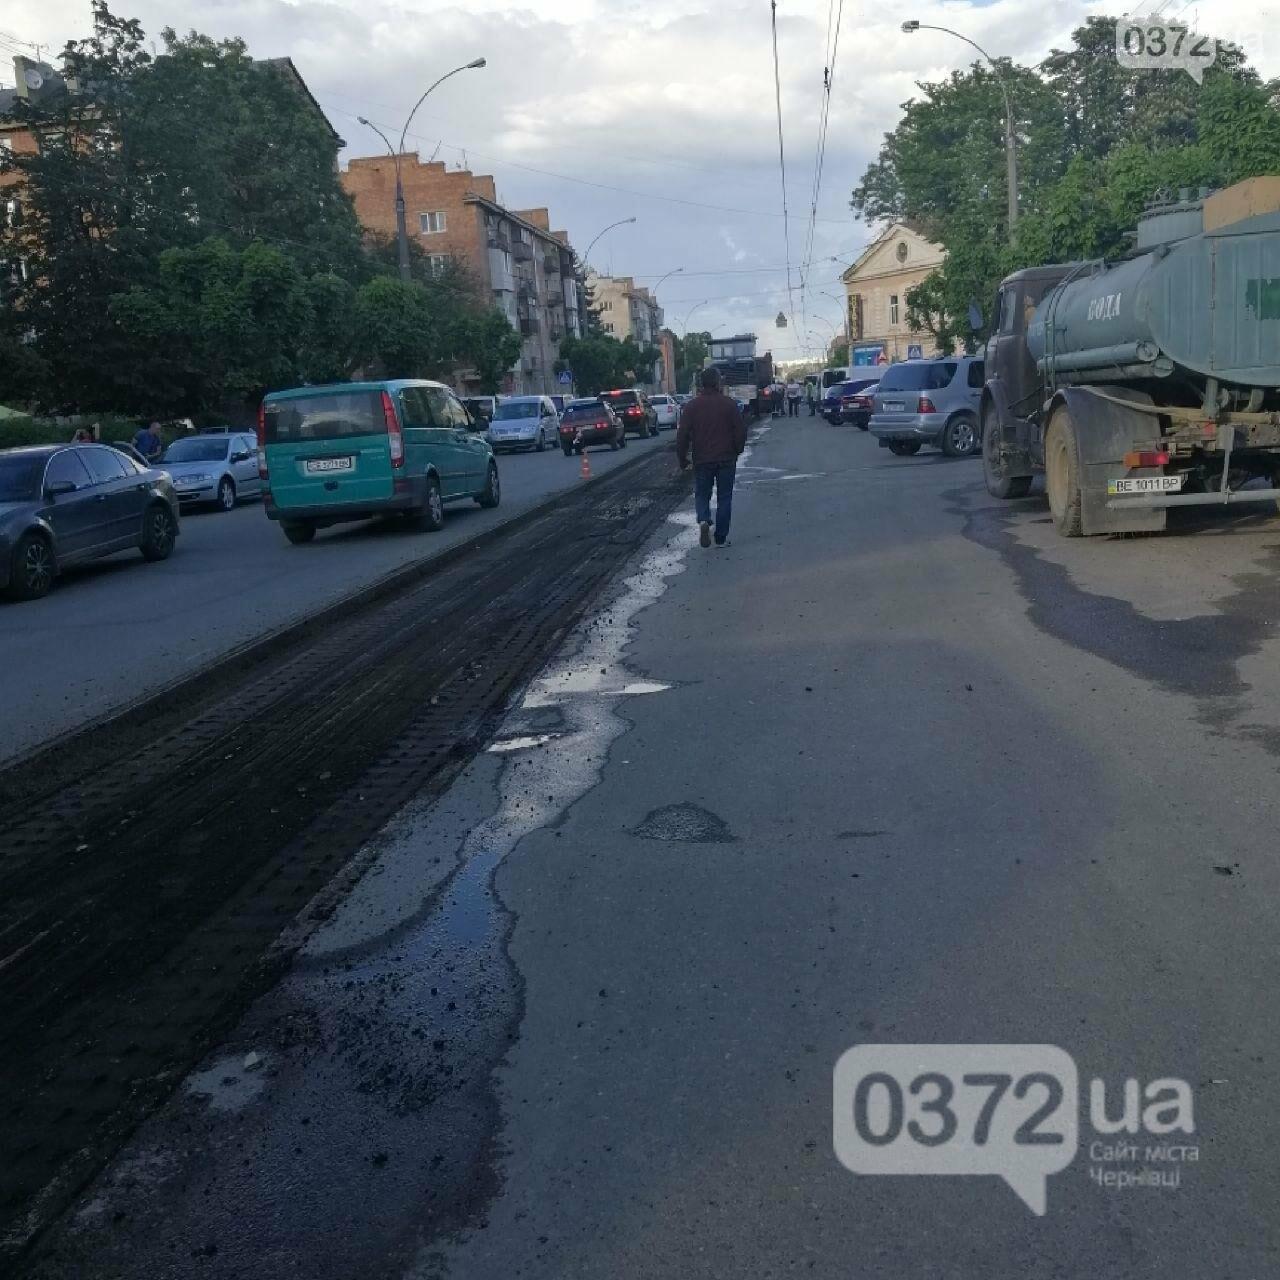 Внаслідок капітального ремонту ділянки однієї із вулиць Чернівців -  буде обмежено рух транспорту, фото-3